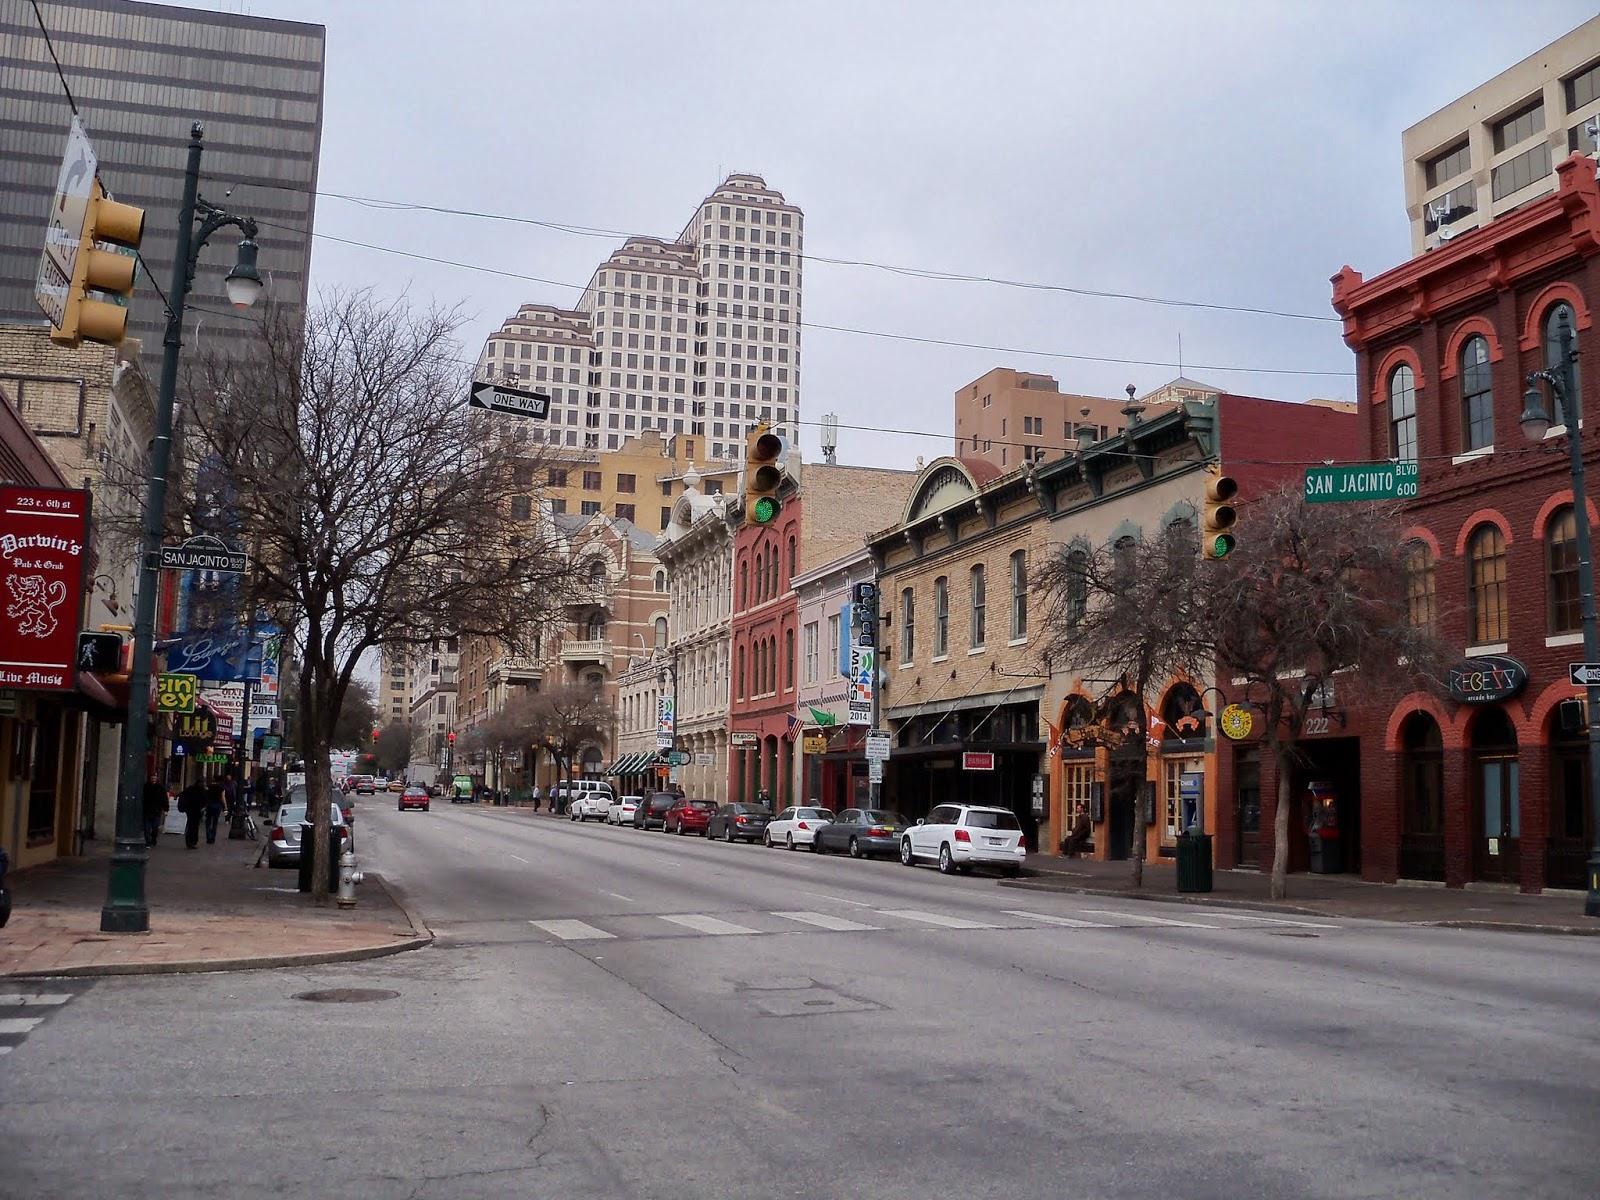 Austin, Texas for SXSWedu - 116_0907.JPG